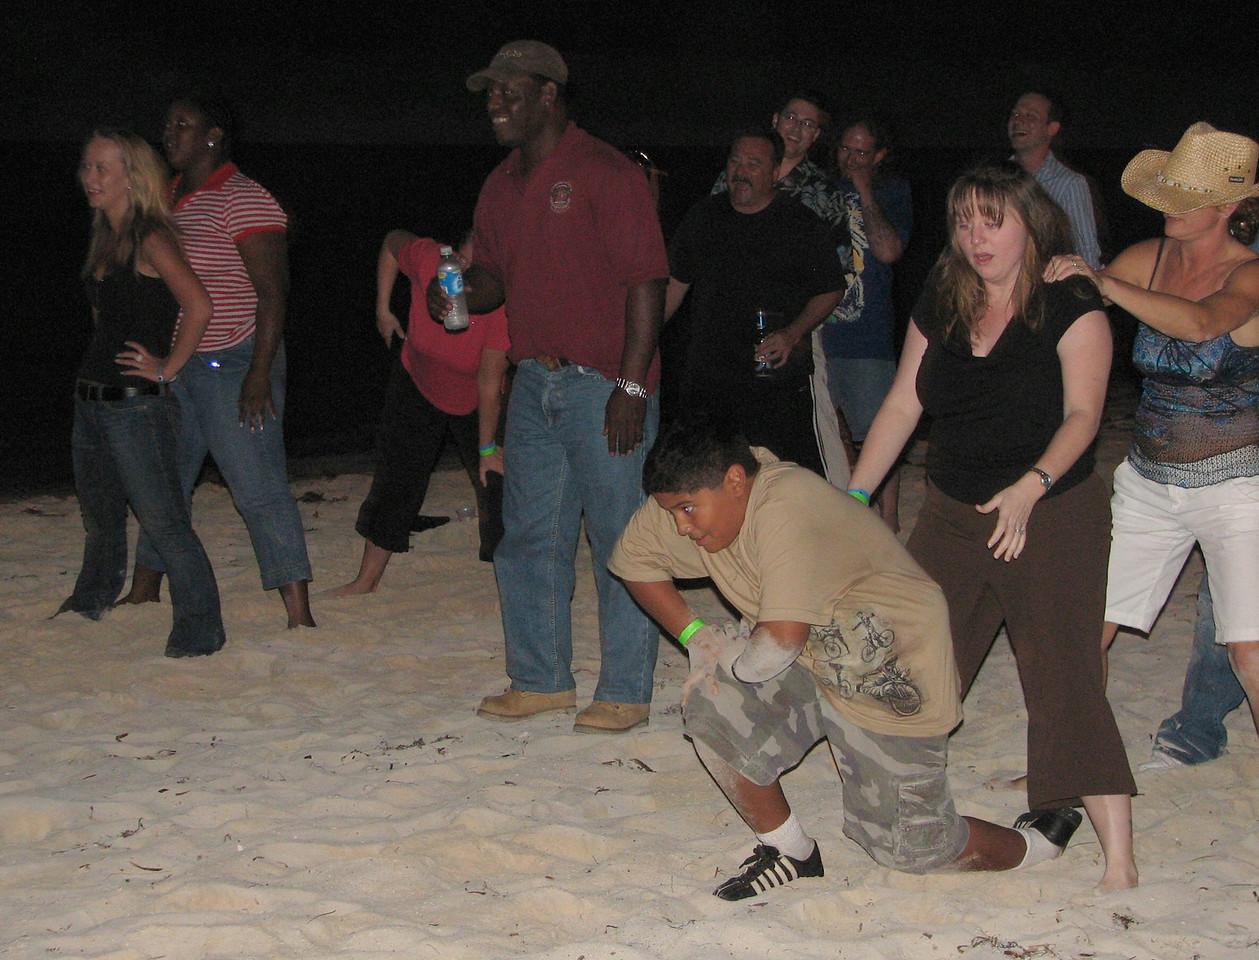 Caesar had 'virgin' Bahama Mamas only, so he starts running right away...<br /> <br /> Cesitar solo ha tomado Bahama Mamas sin alcohol, y empieza a correr hacia el objetivo...